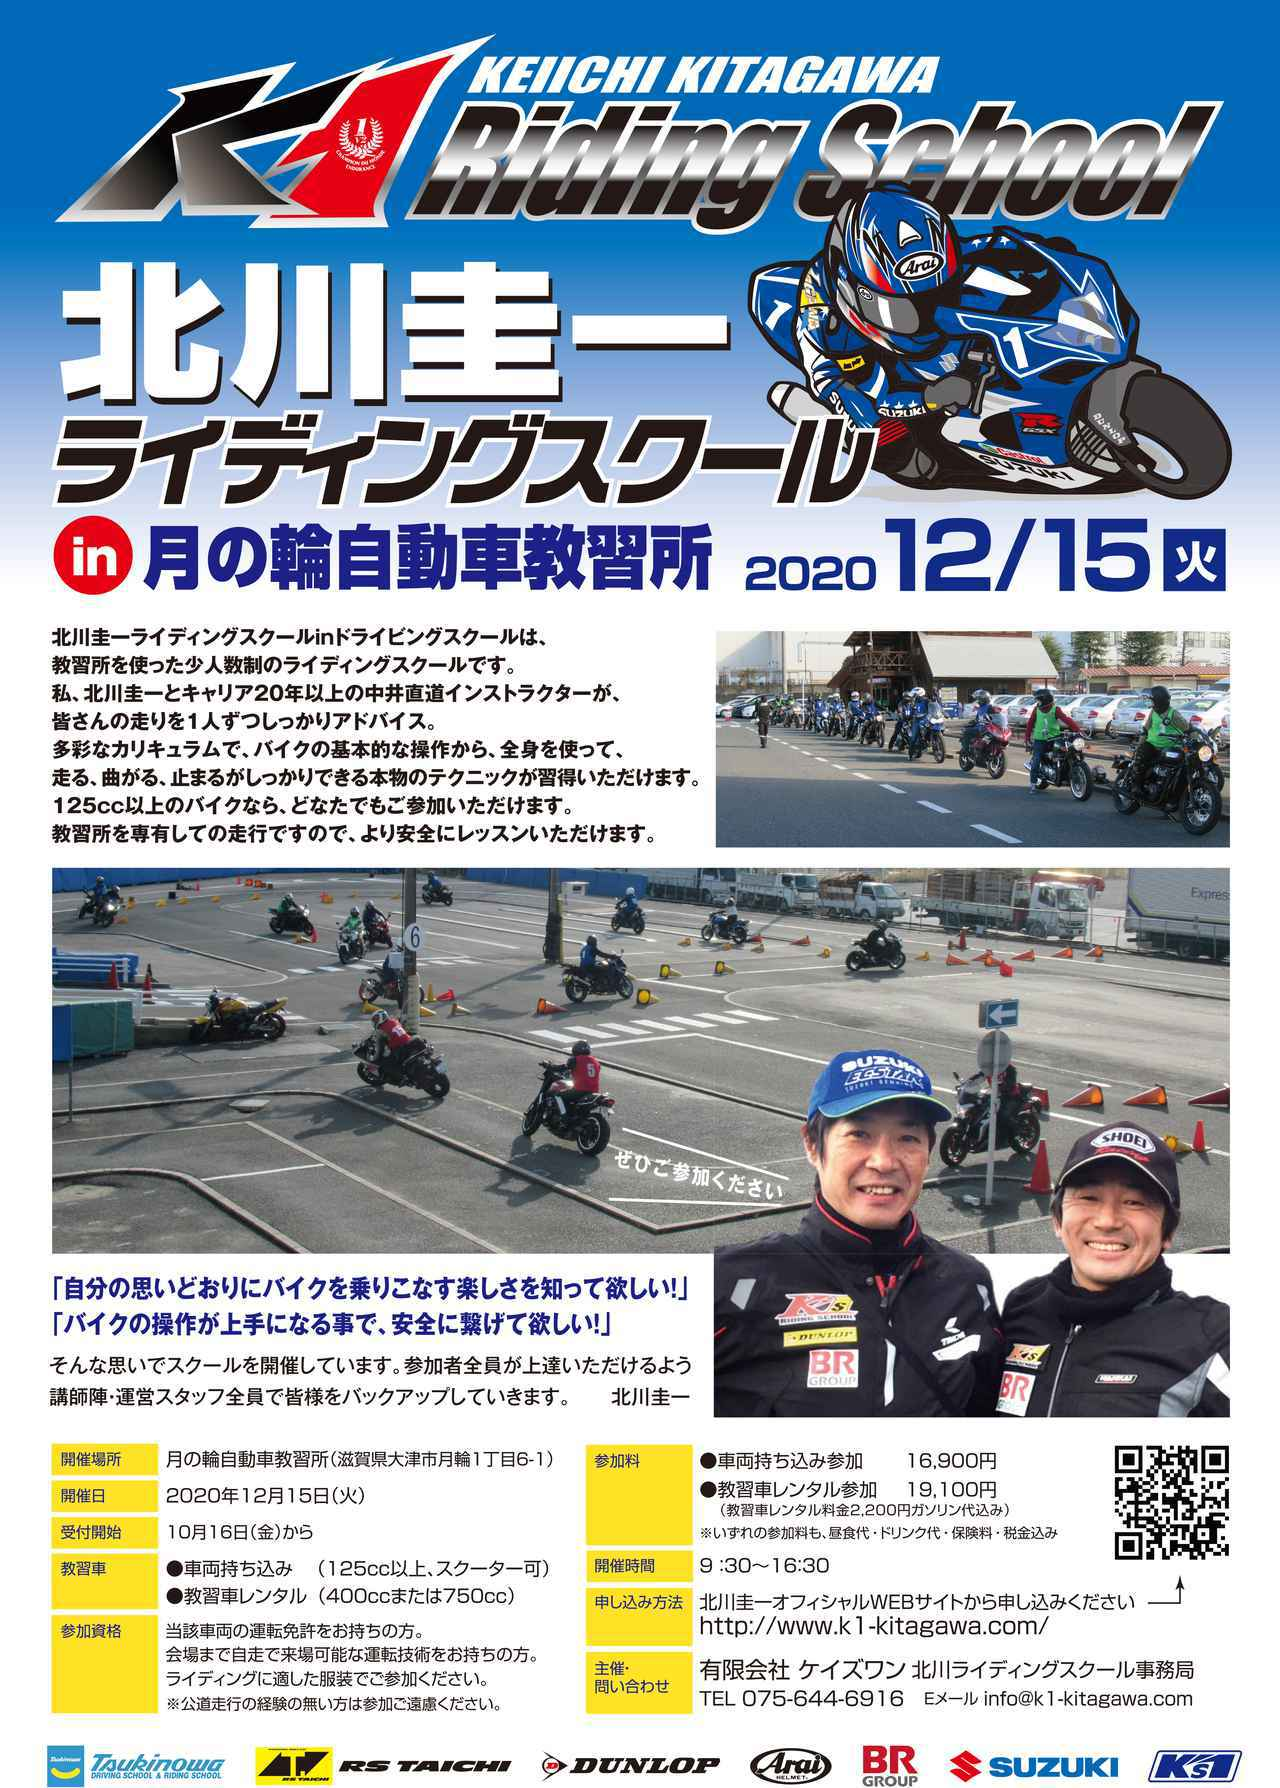 画像: 詳細な情報と、申し込みは「北川圭一オフィシャルサイト」からどうぞ!